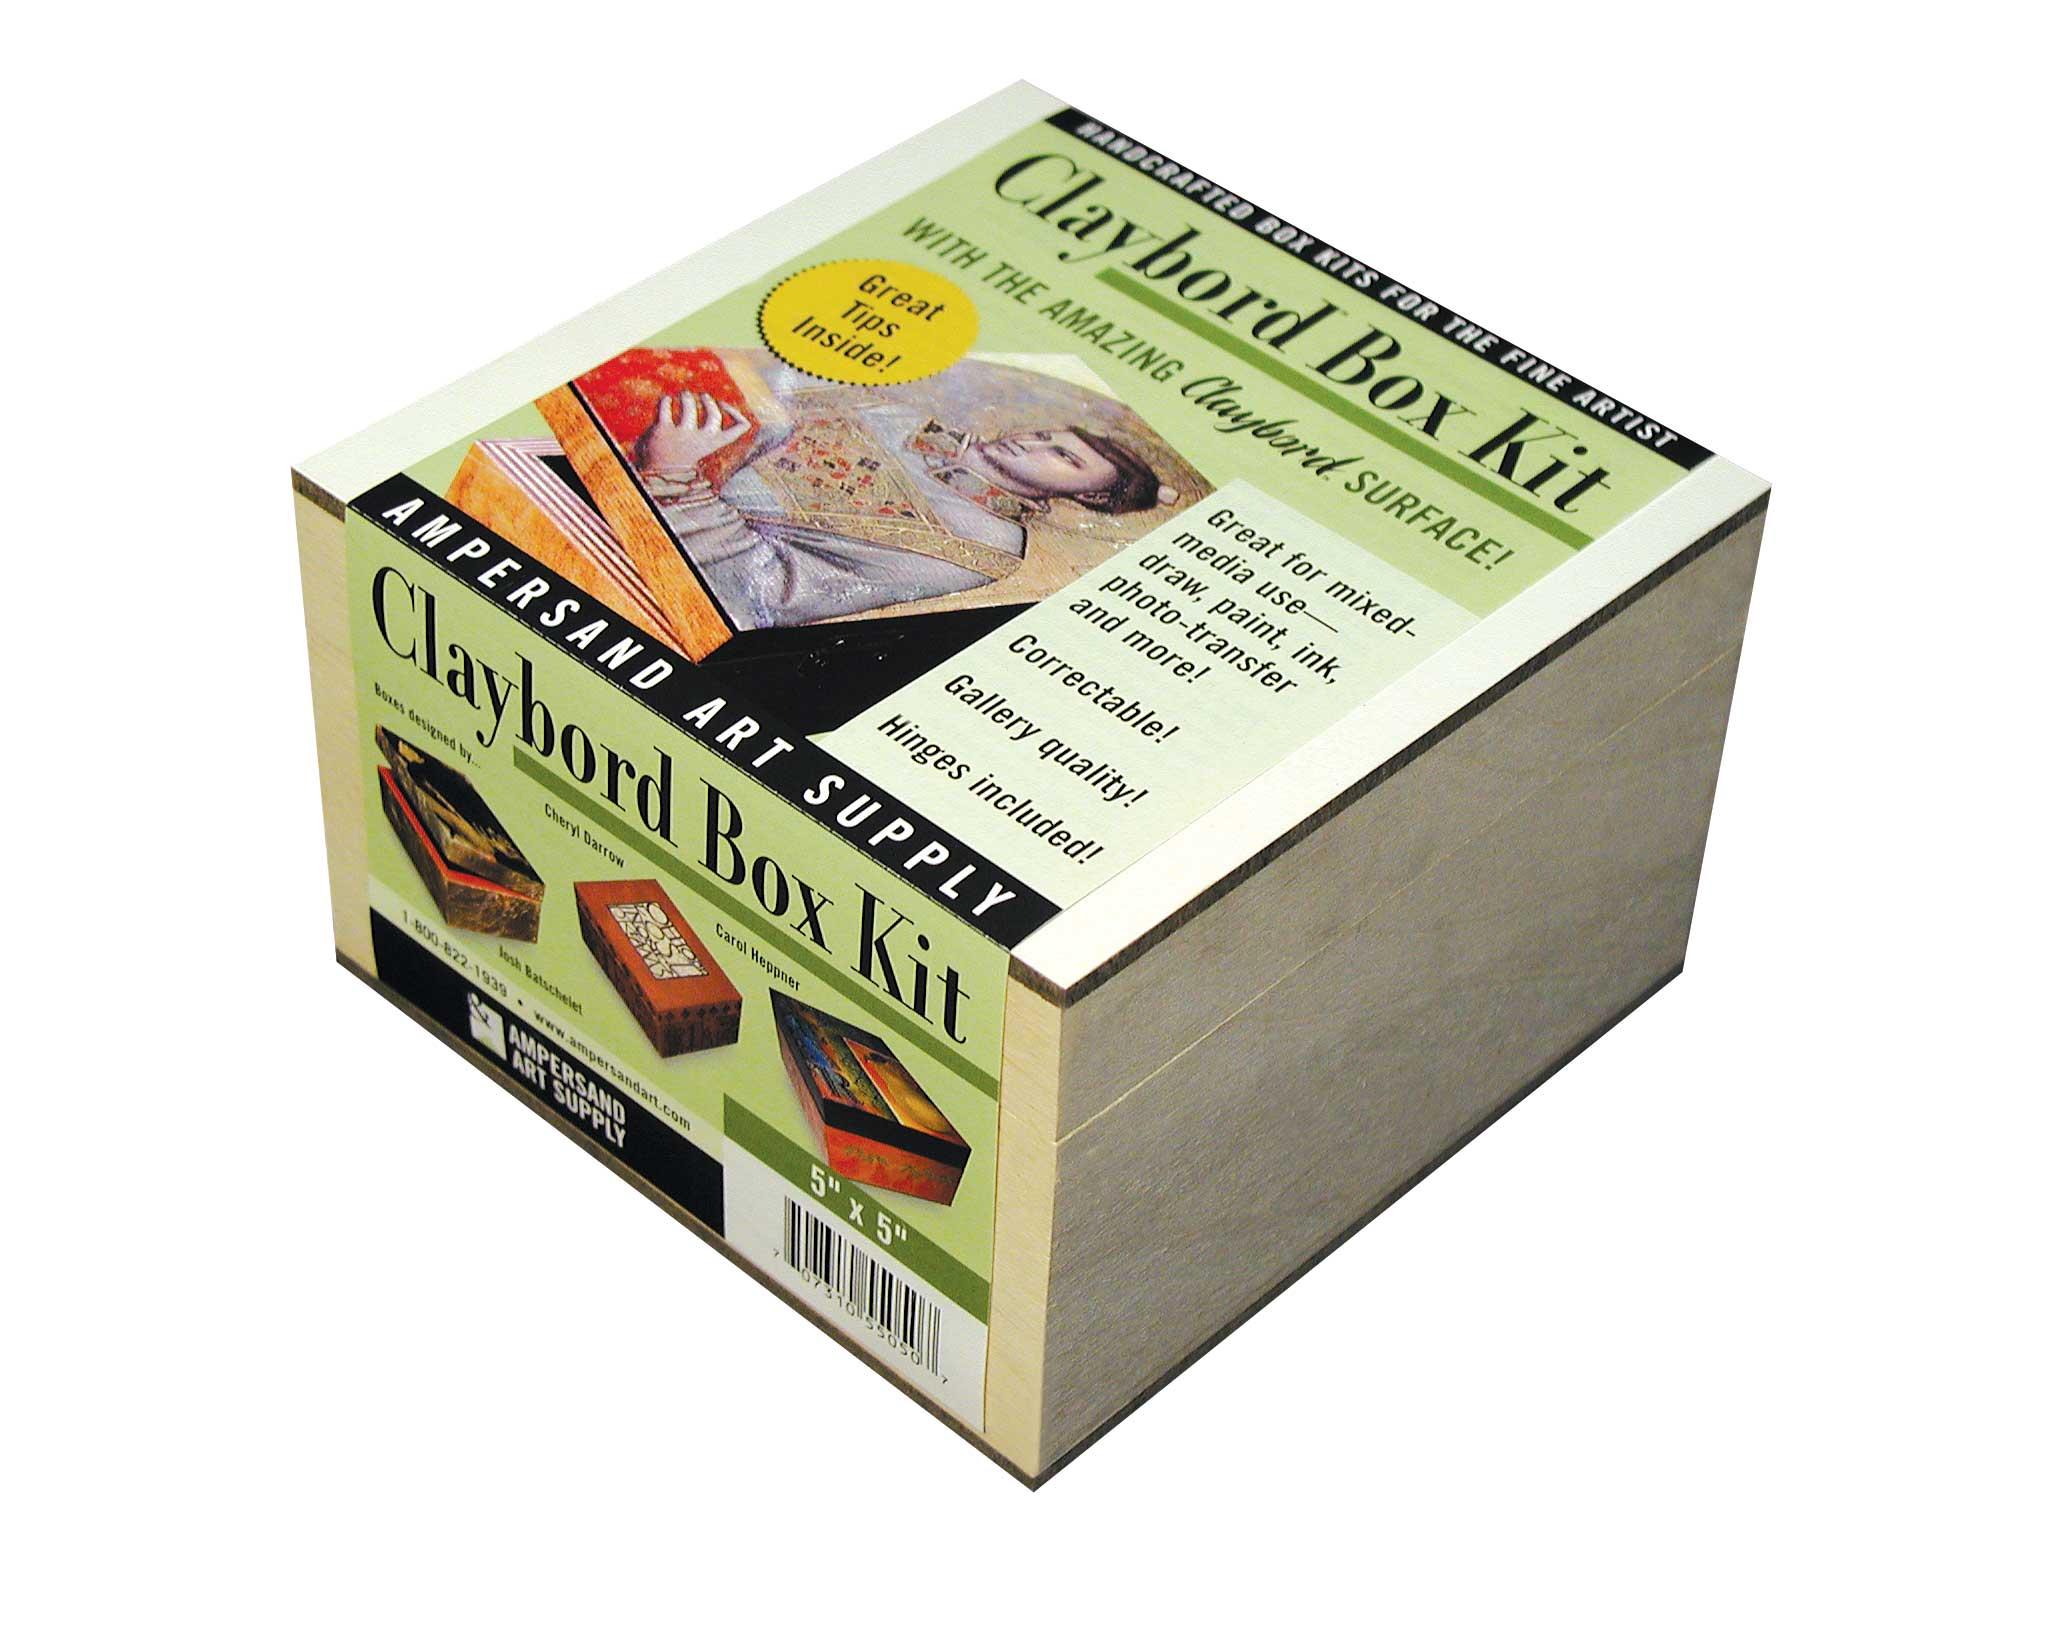 CLAYBORD SMOOTH BOX KIT 5X7